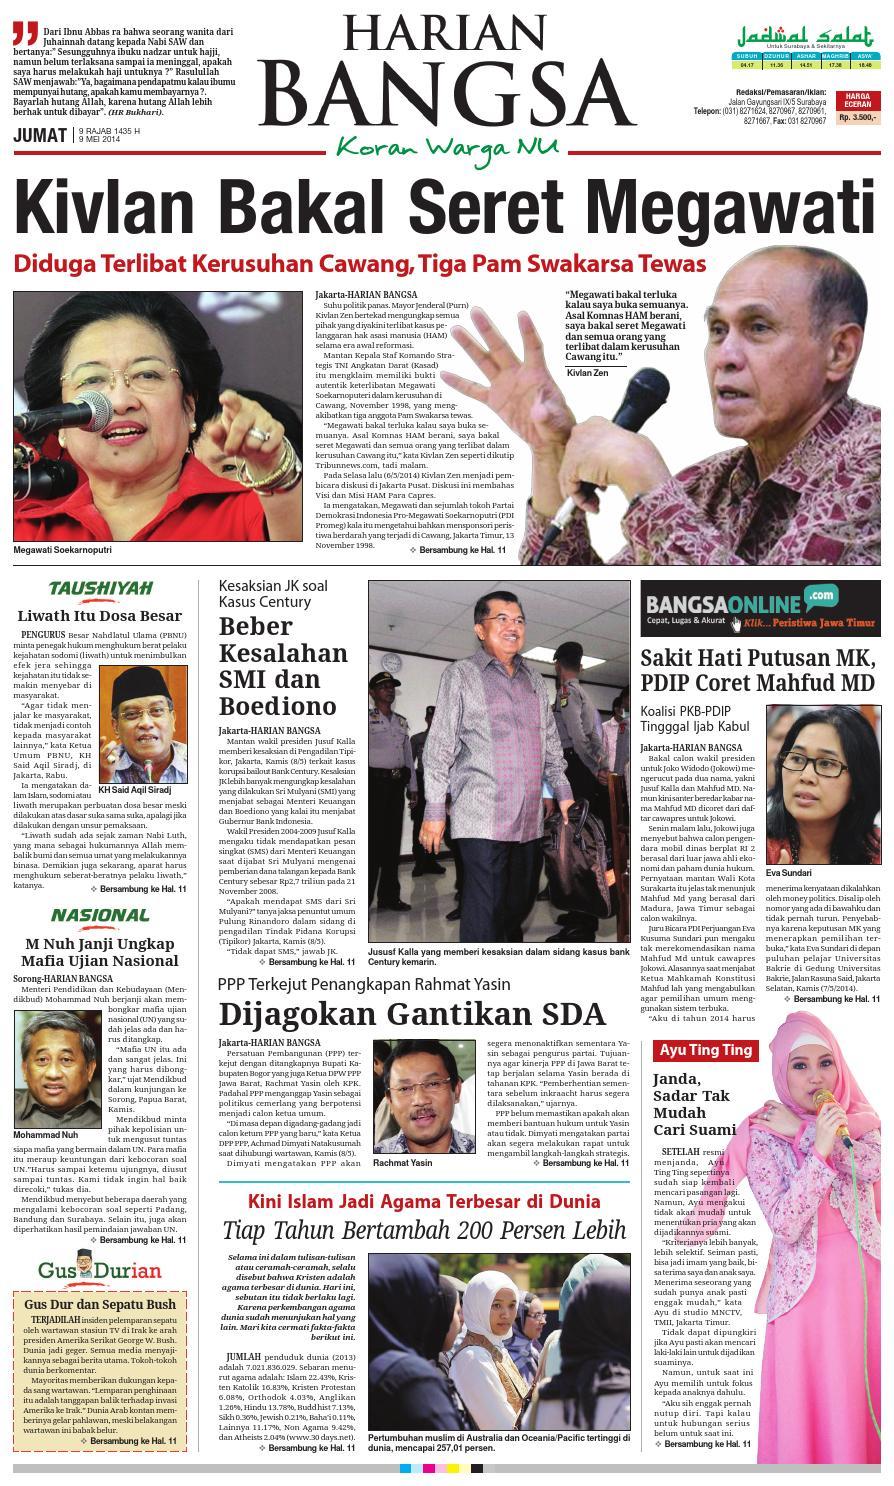 Edisi 09 05 14 By Bangsaonline Issuu Produk Ukm Bumn Baju Muslim Anak Laki Dannis Nomor 10 Abu